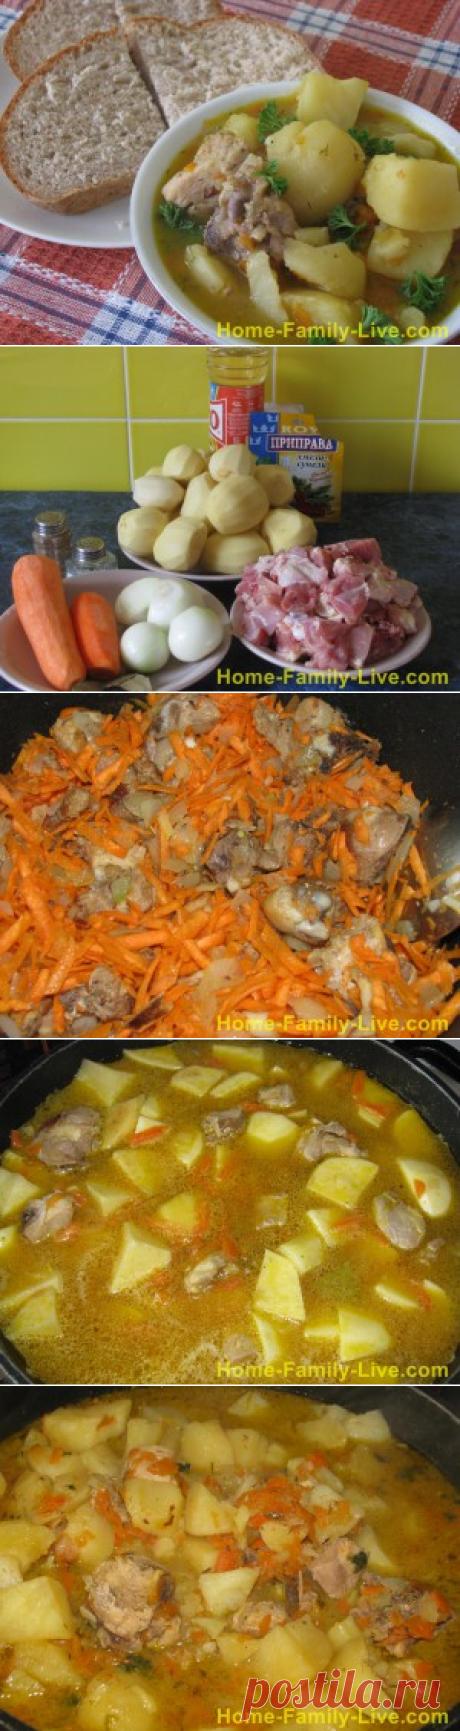 Тушеная картошка с курицей/Сайт с пошаговыми рецептами с фото для тех кто любит готовить